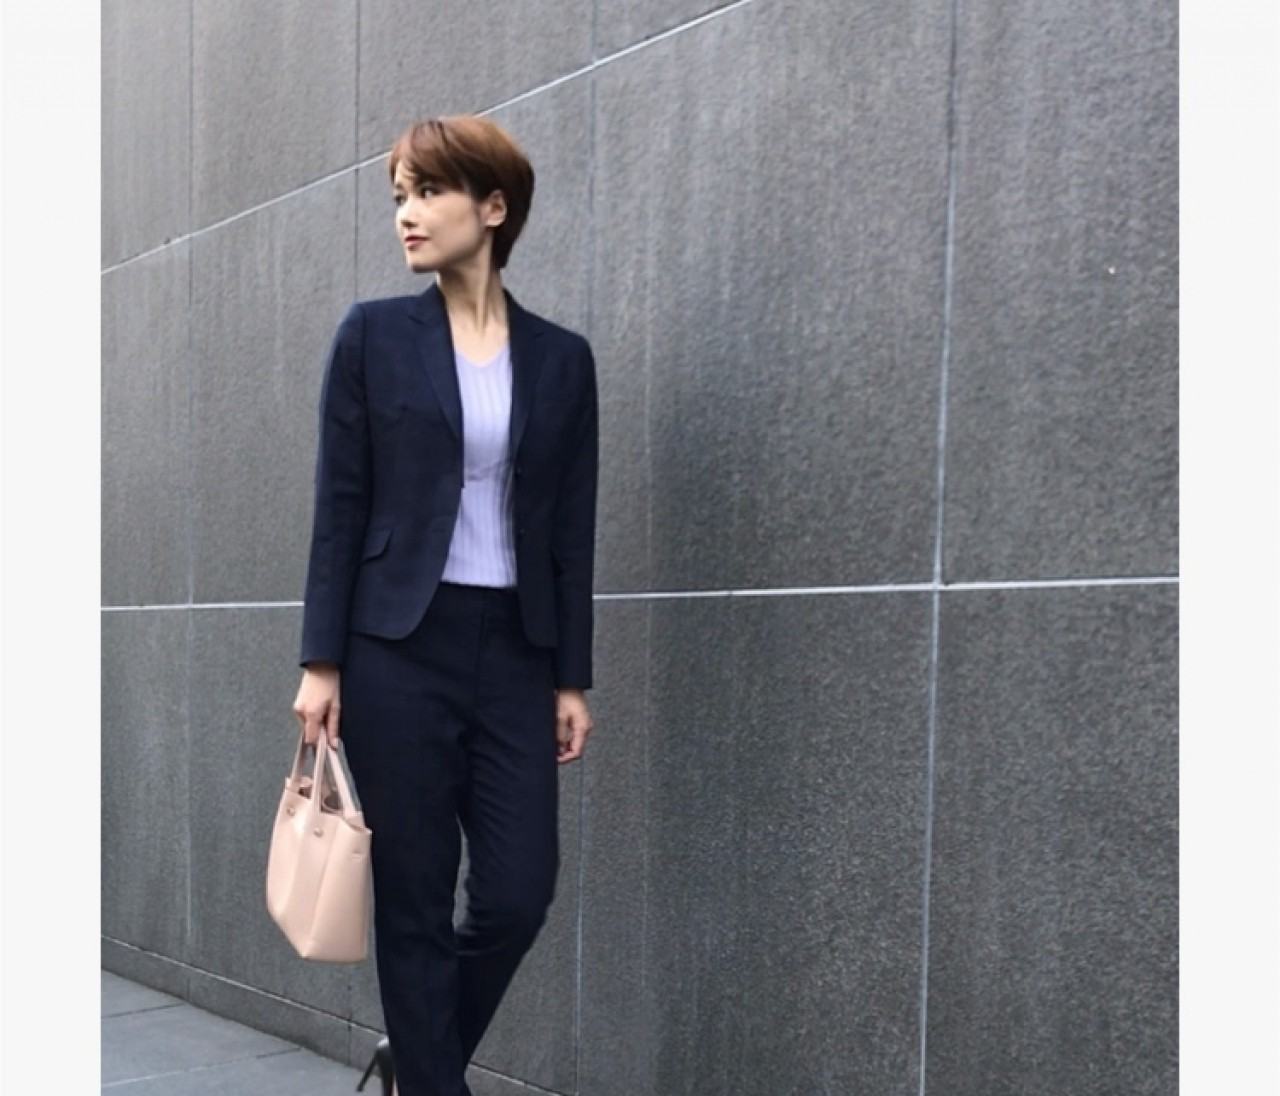 肌寒い秋には温度調整スーツに注目!360度綺麗に見せてくれるAOKIのプレシャスラインスーツ!